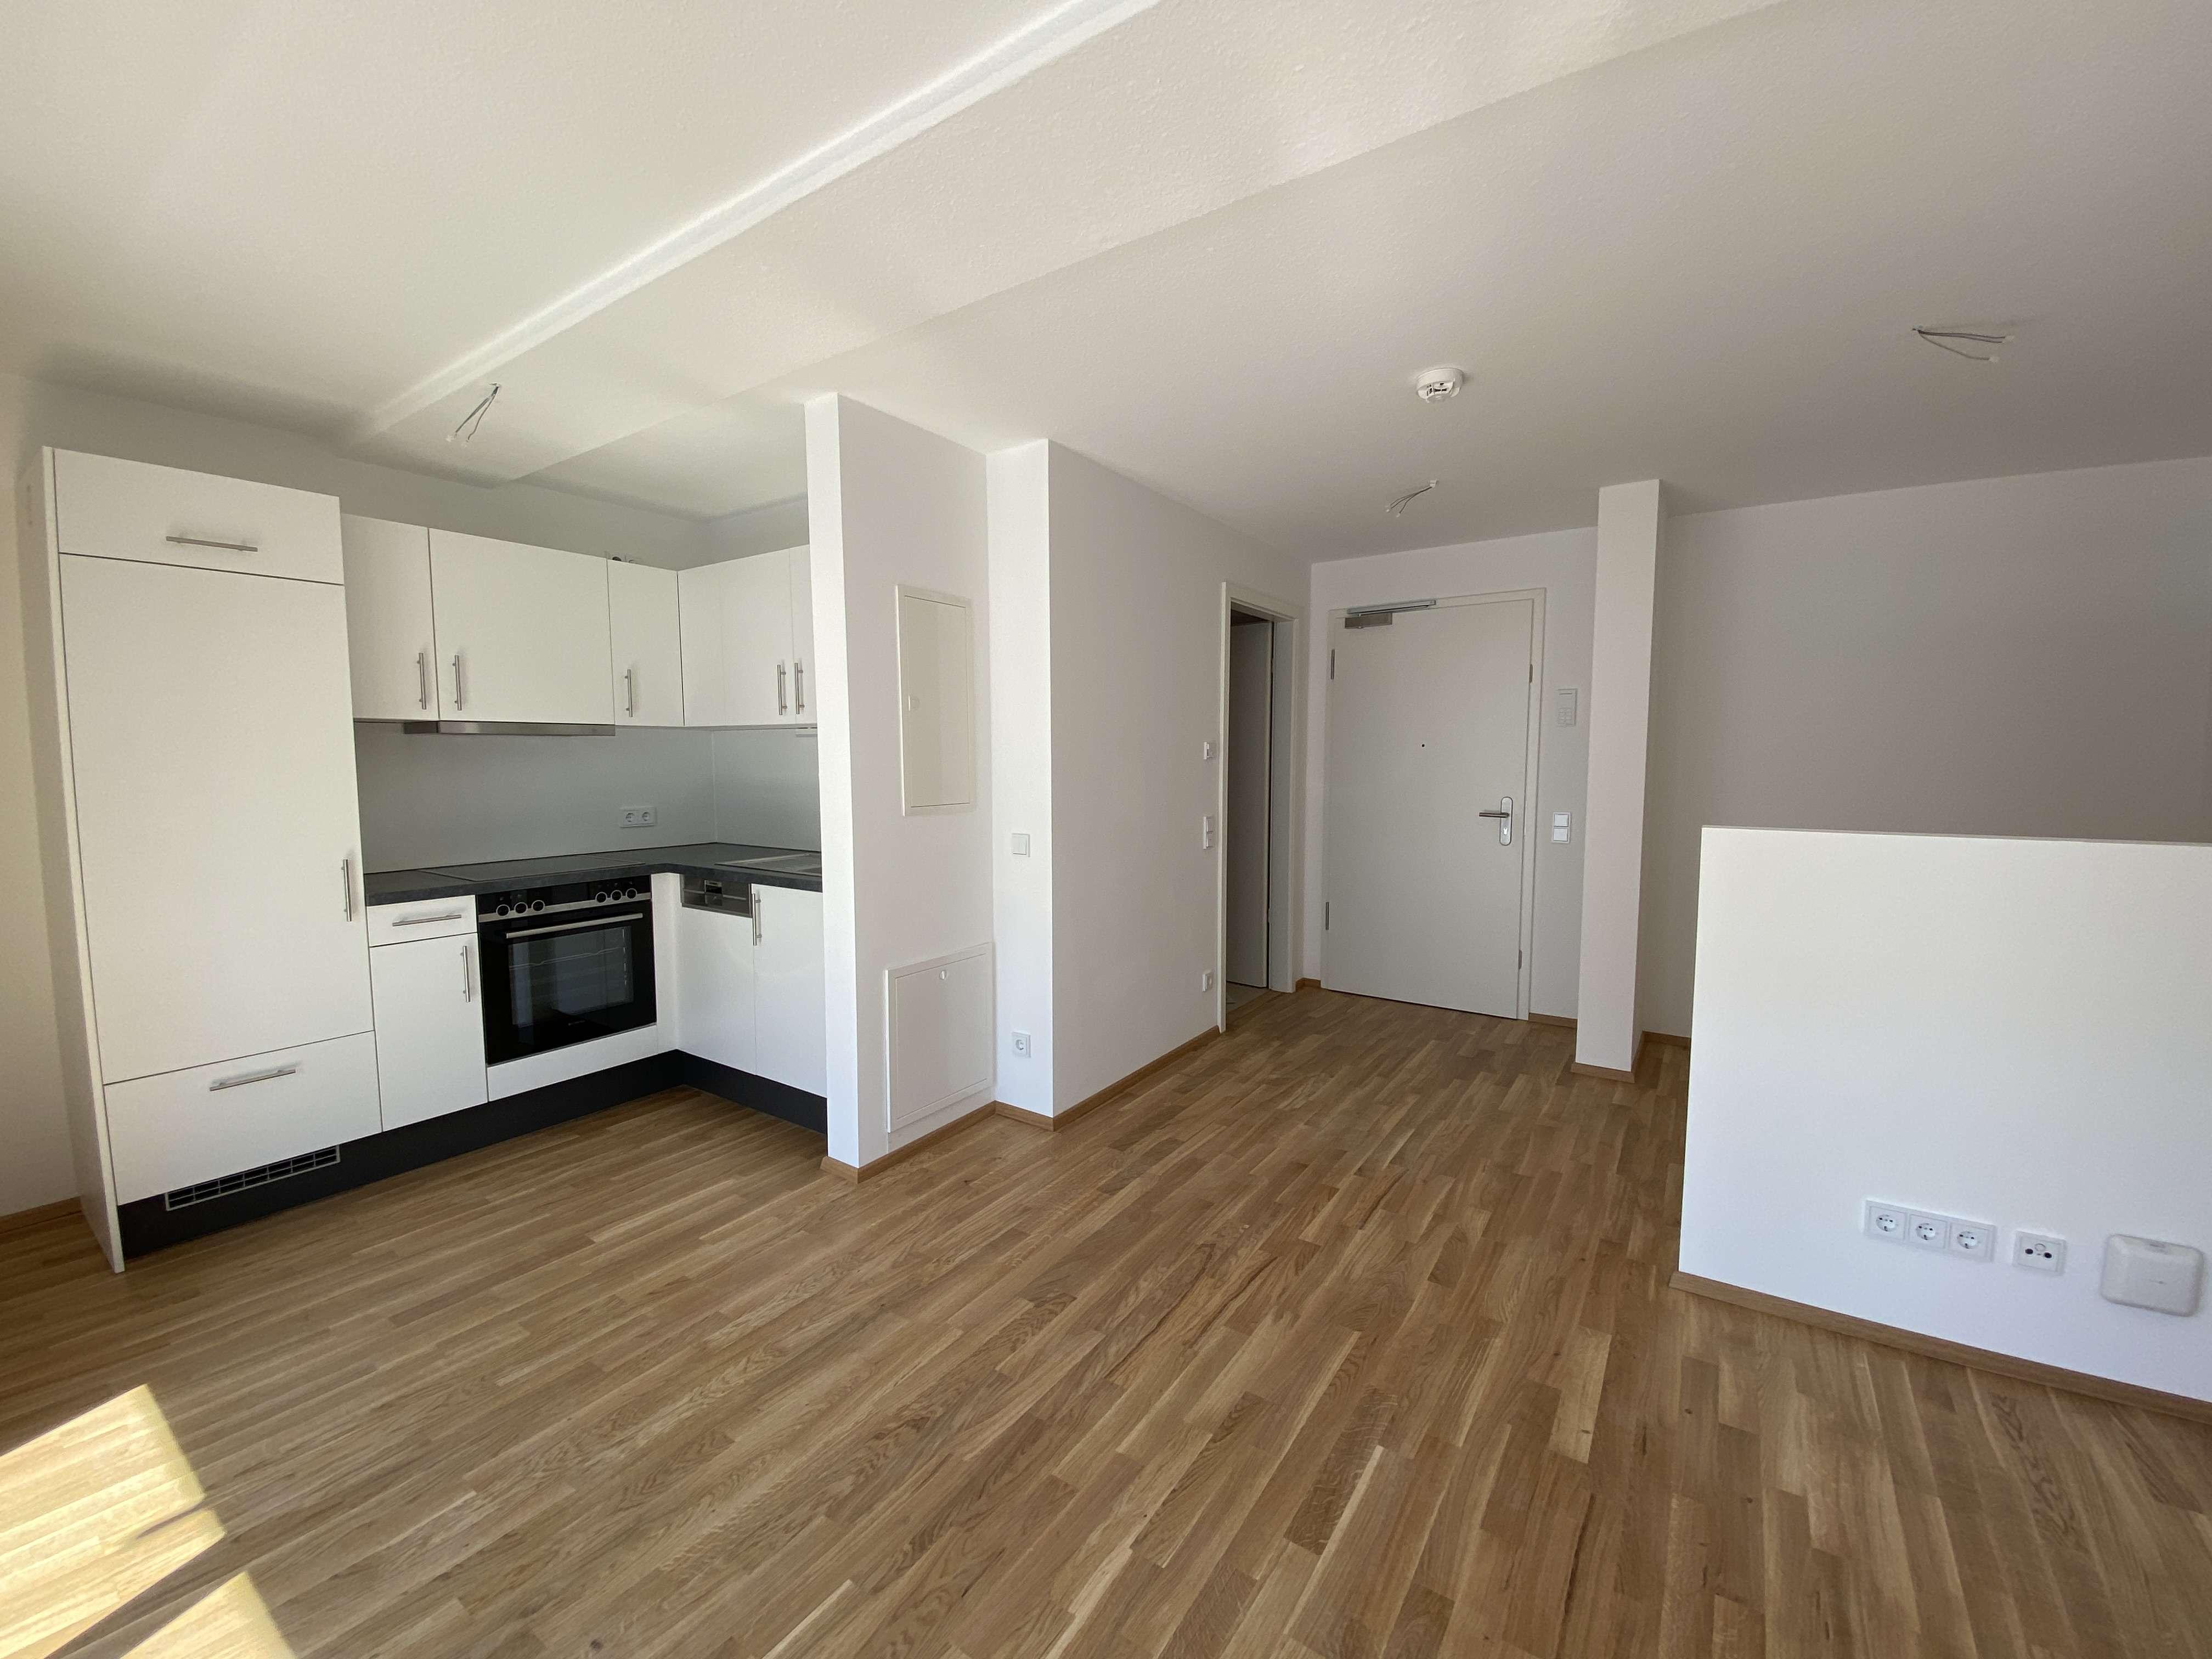 Trendige 1 Zimmer-Whg mit Einbauküche und Südbalkon in zentraler Südstadtlage in